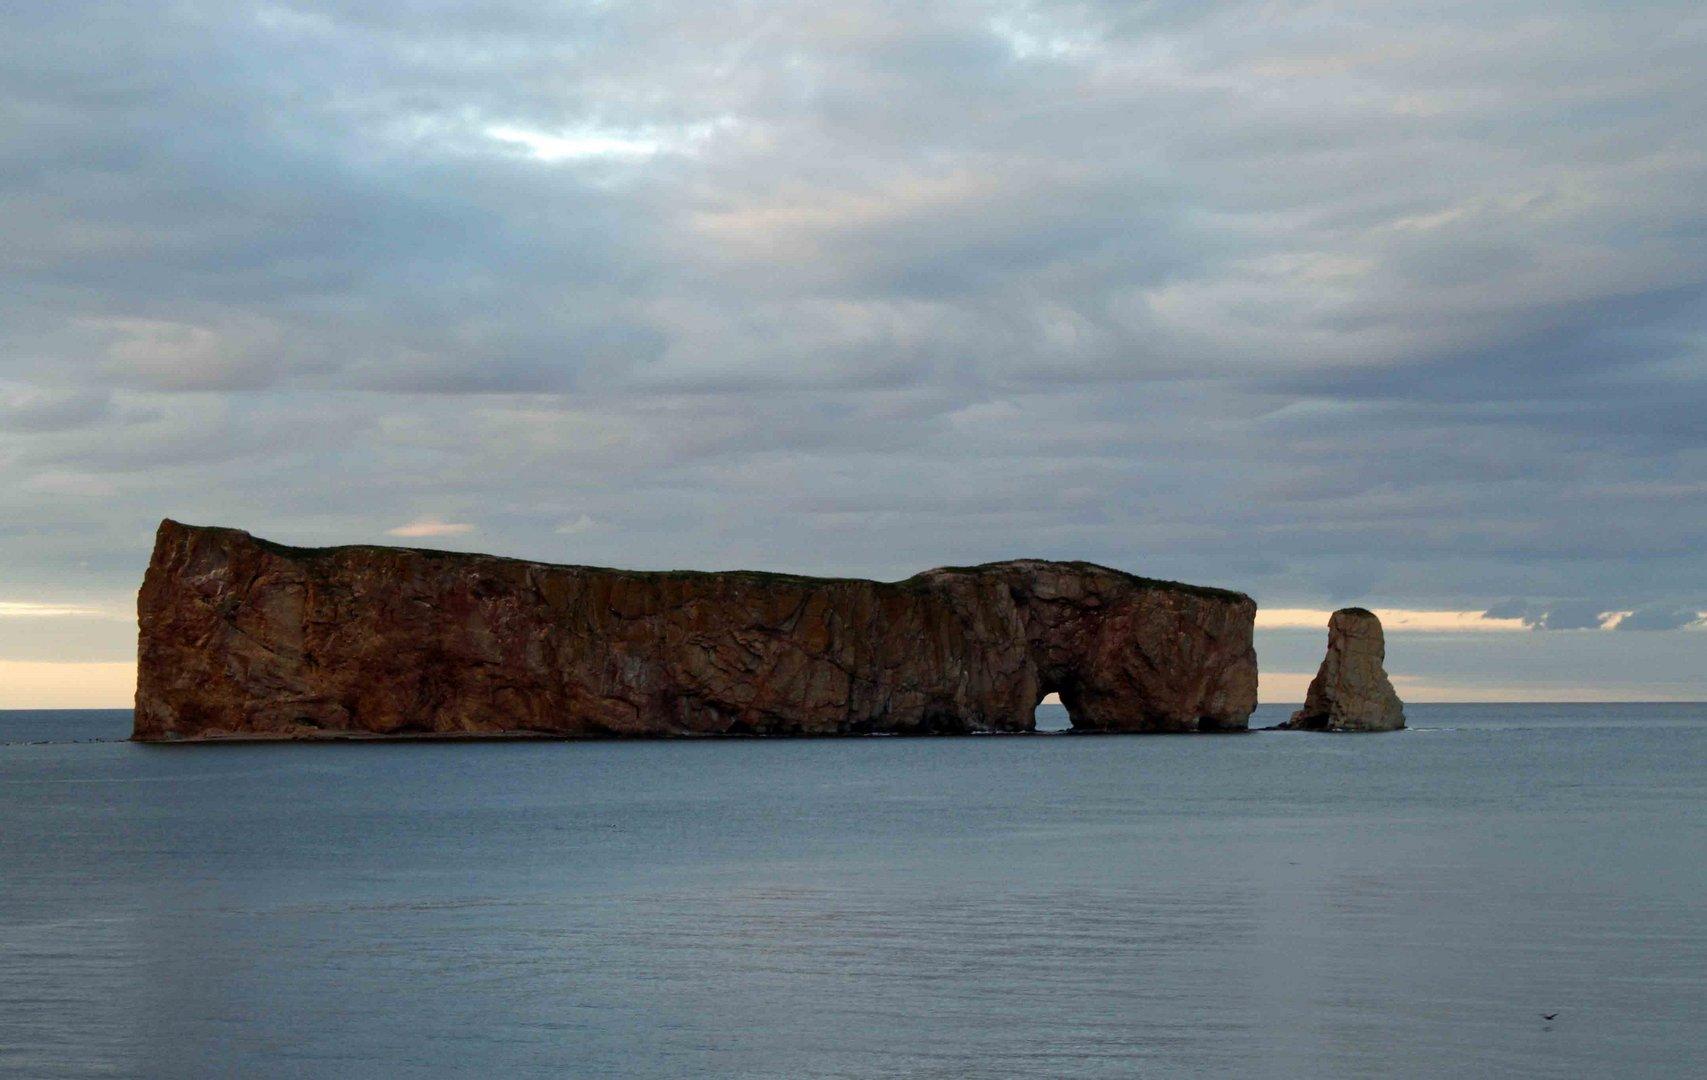 Percé' s Rock